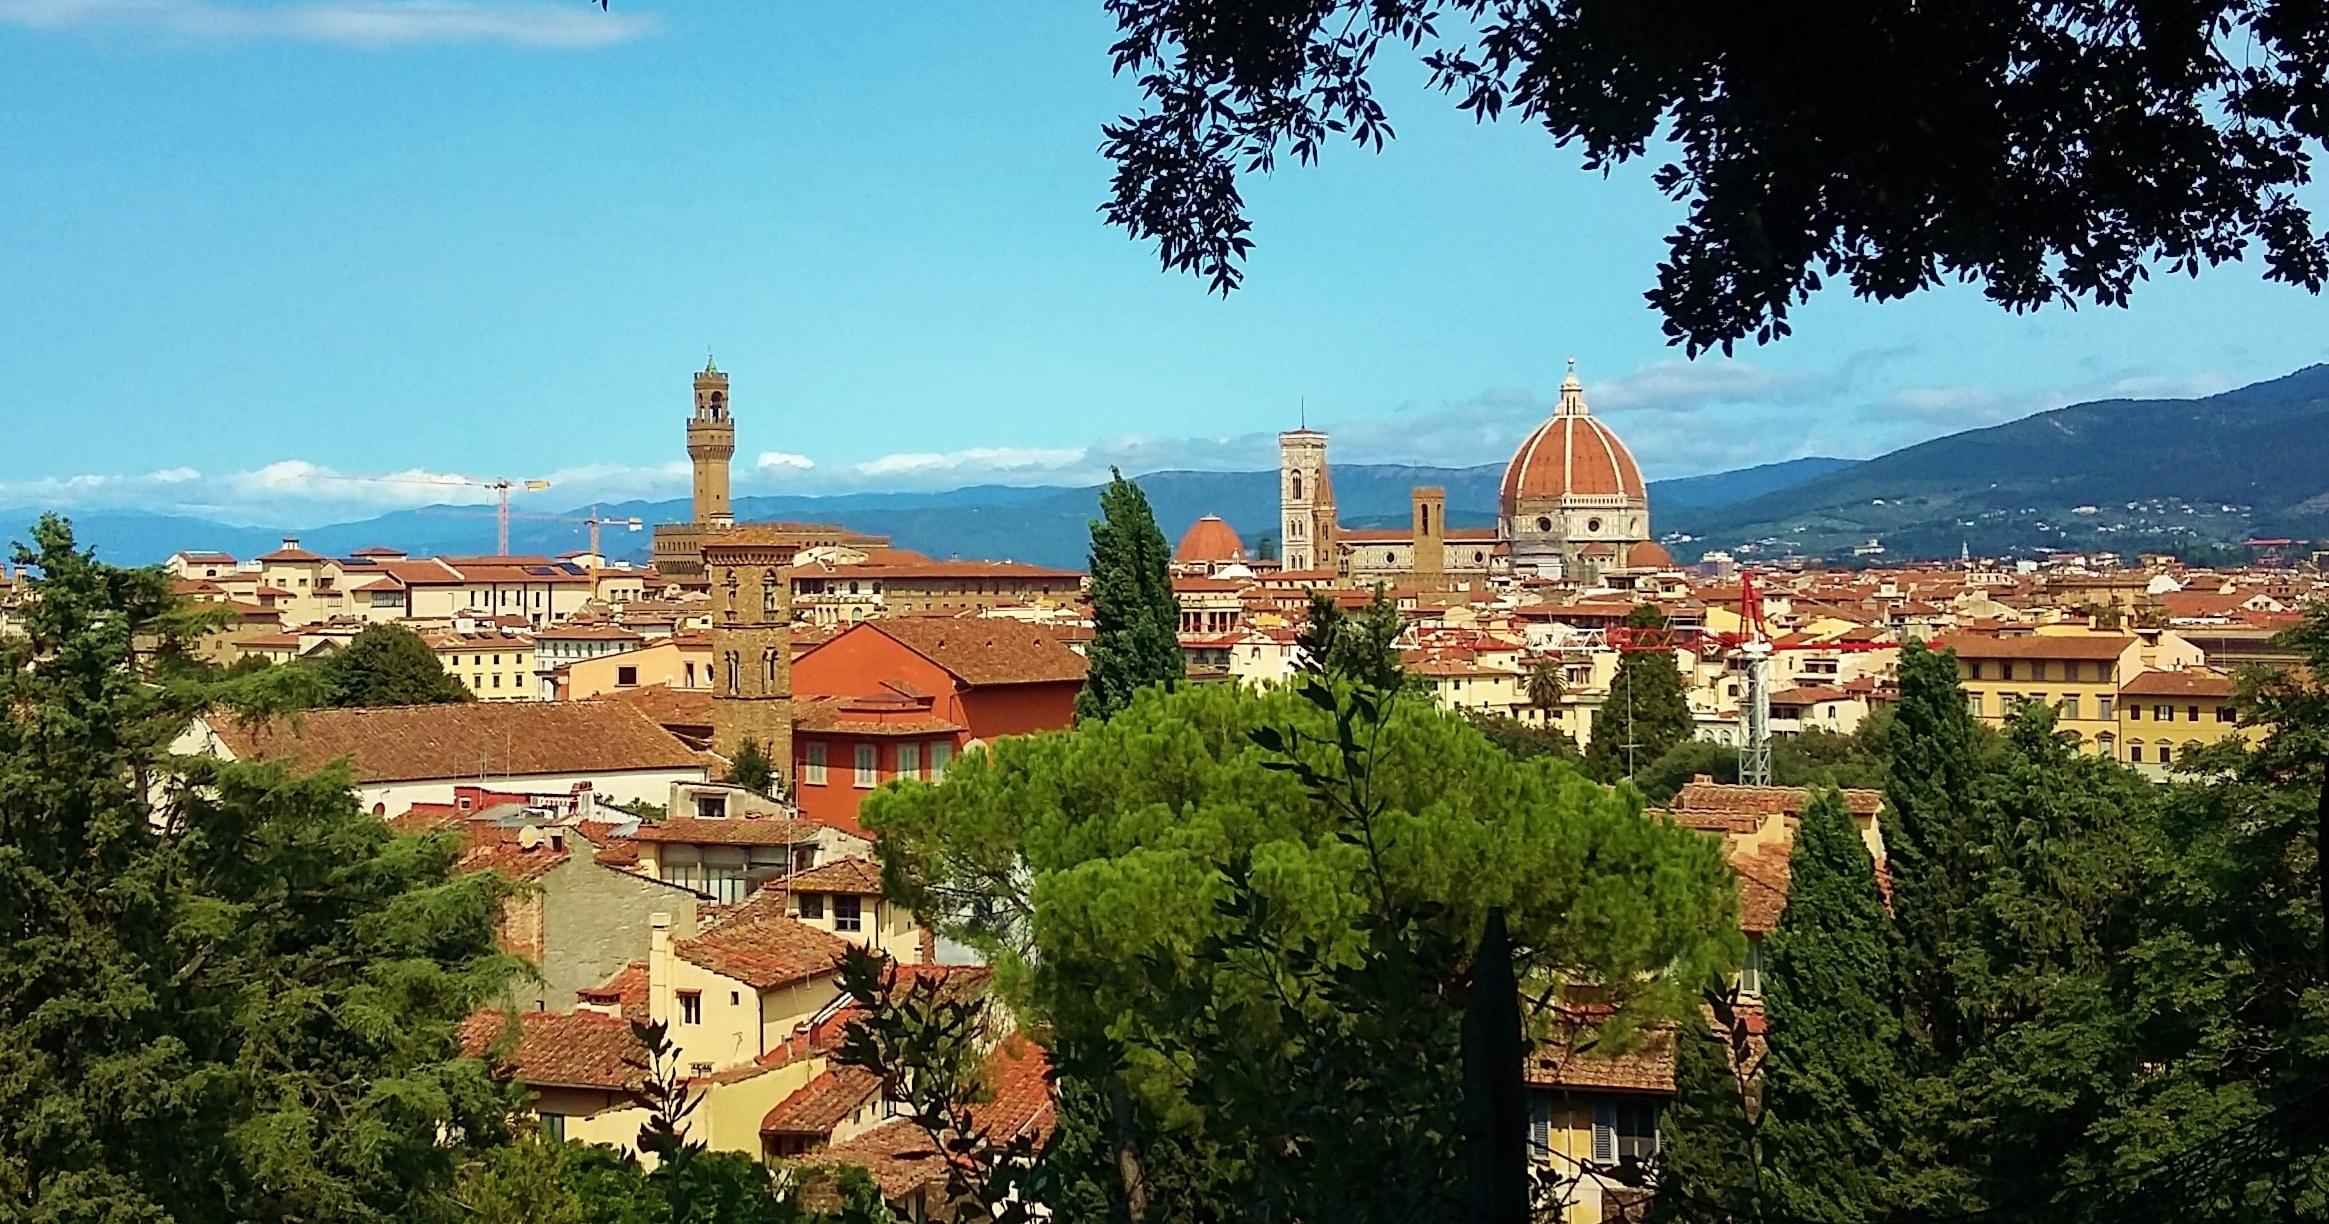 Diario de Viagem: Florença sem roteiros